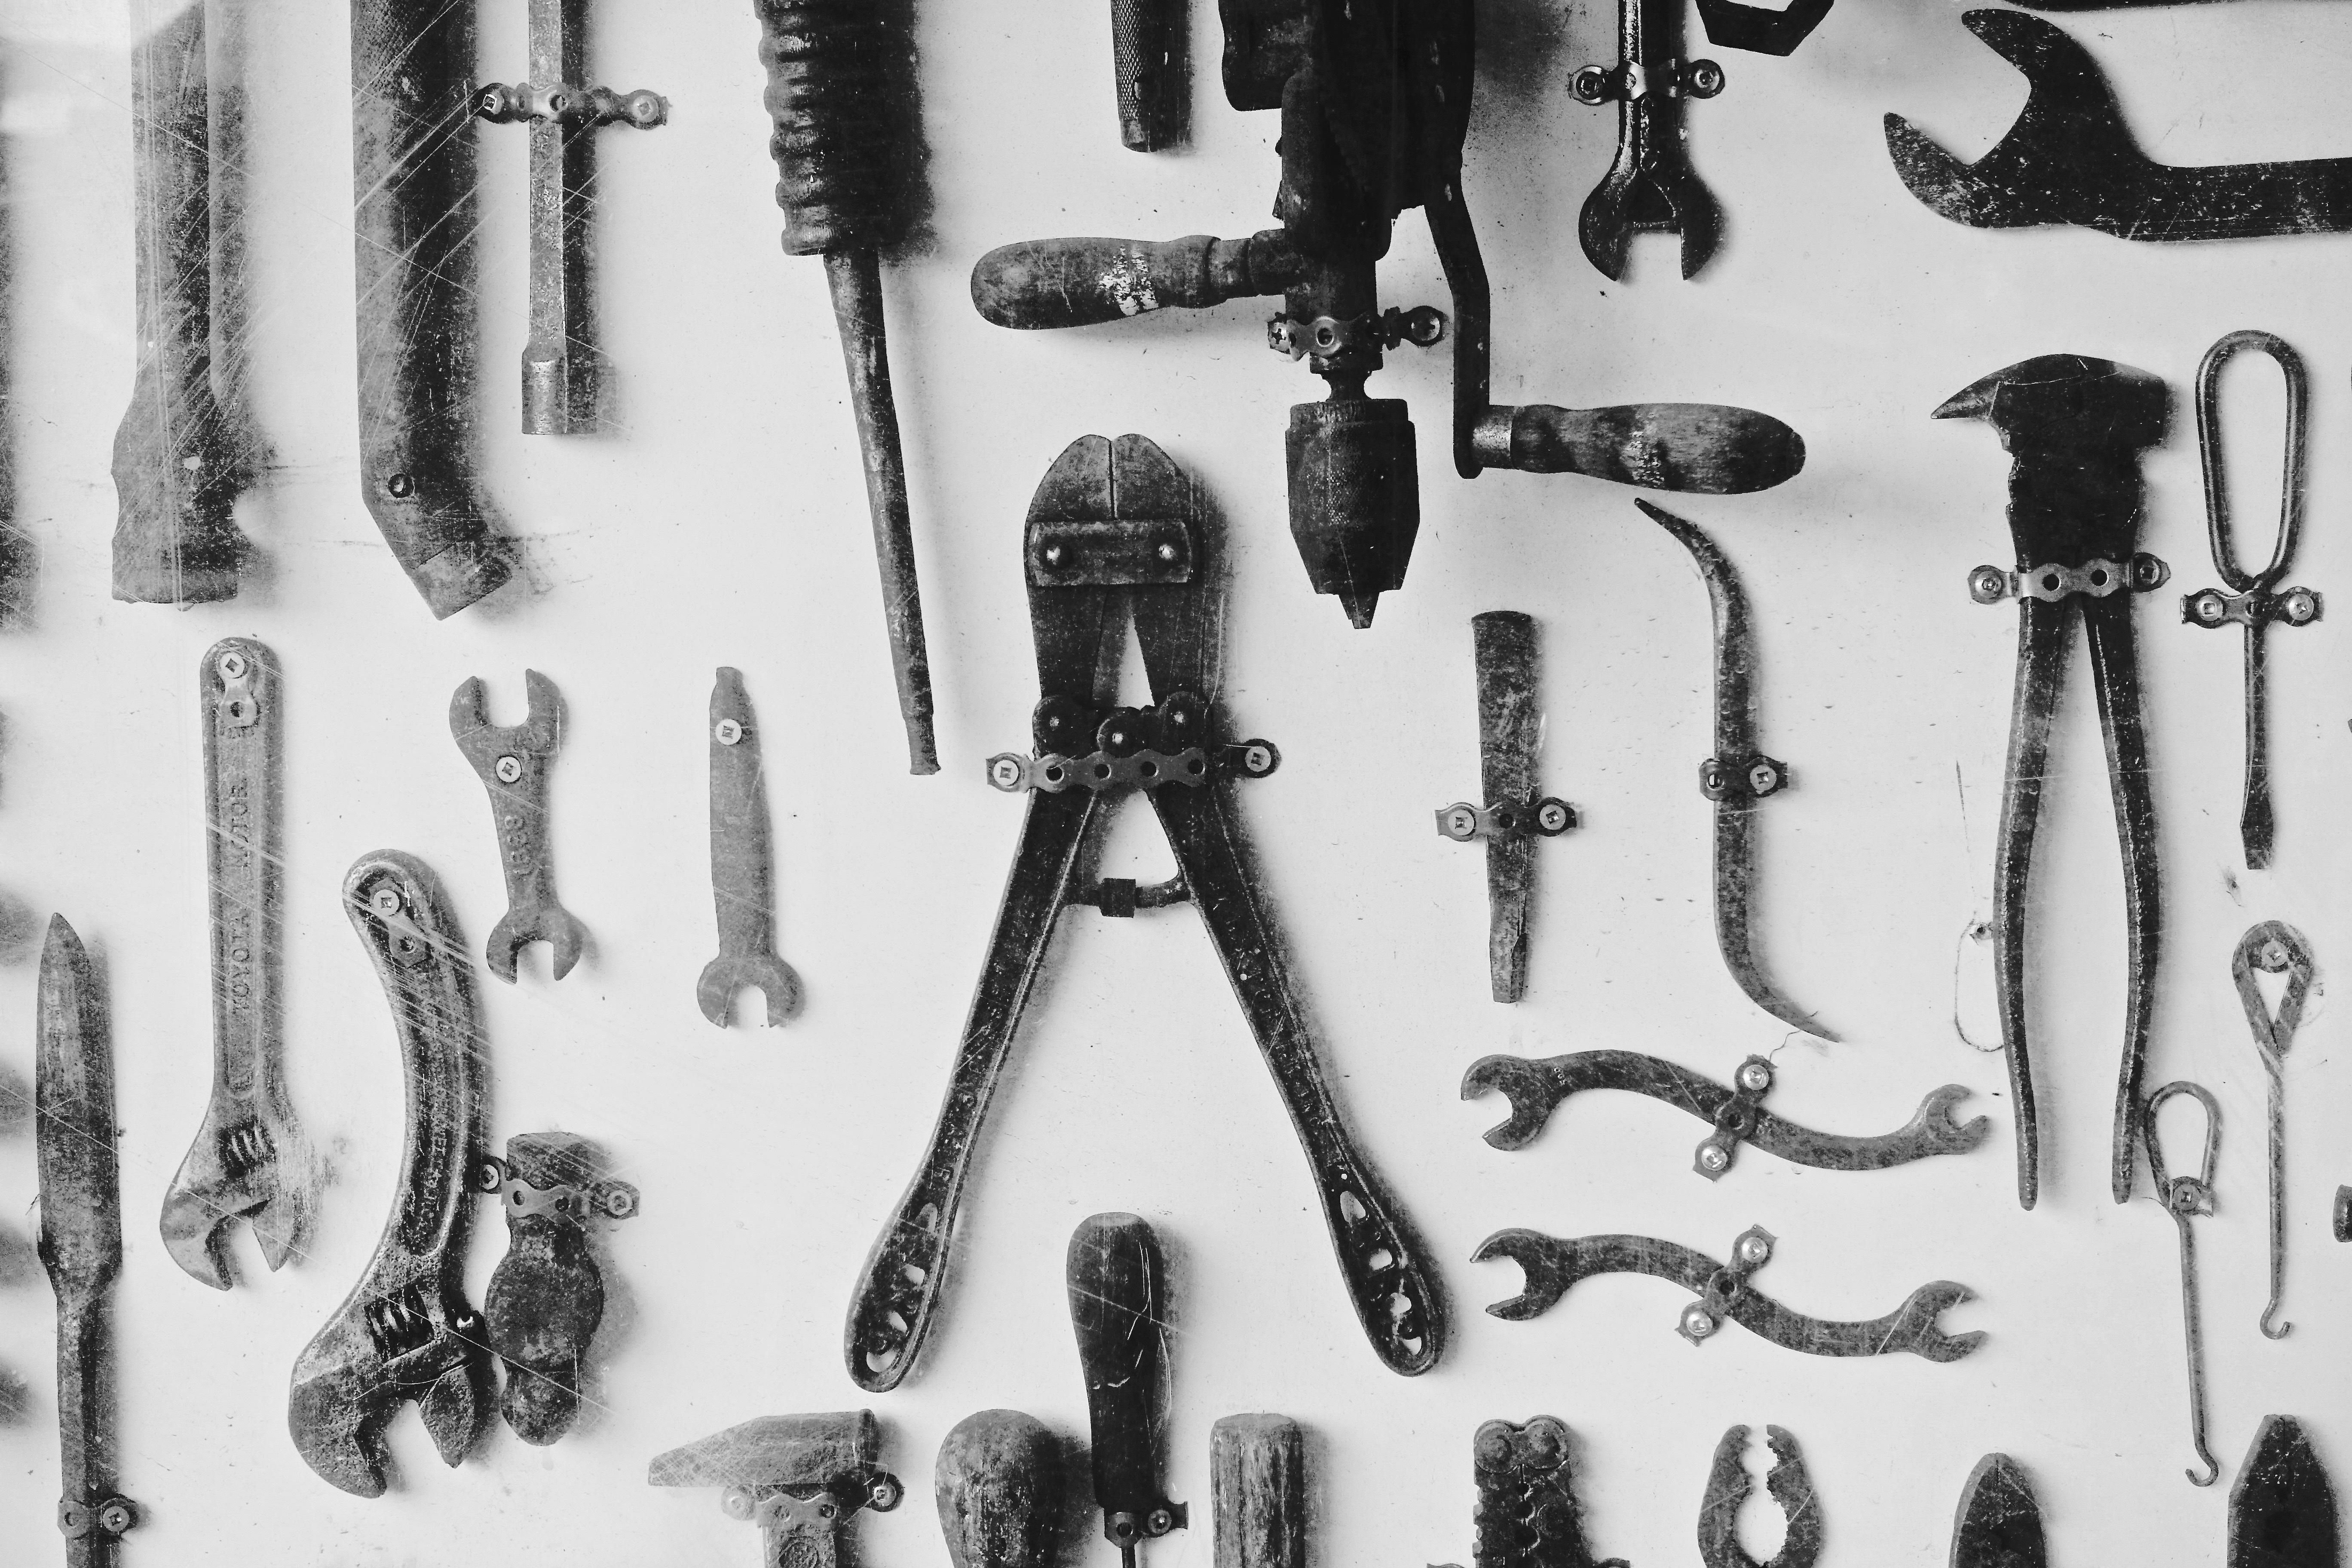 Gambar Hitam Dan Putih Bengkel Peralatan Logam Satu